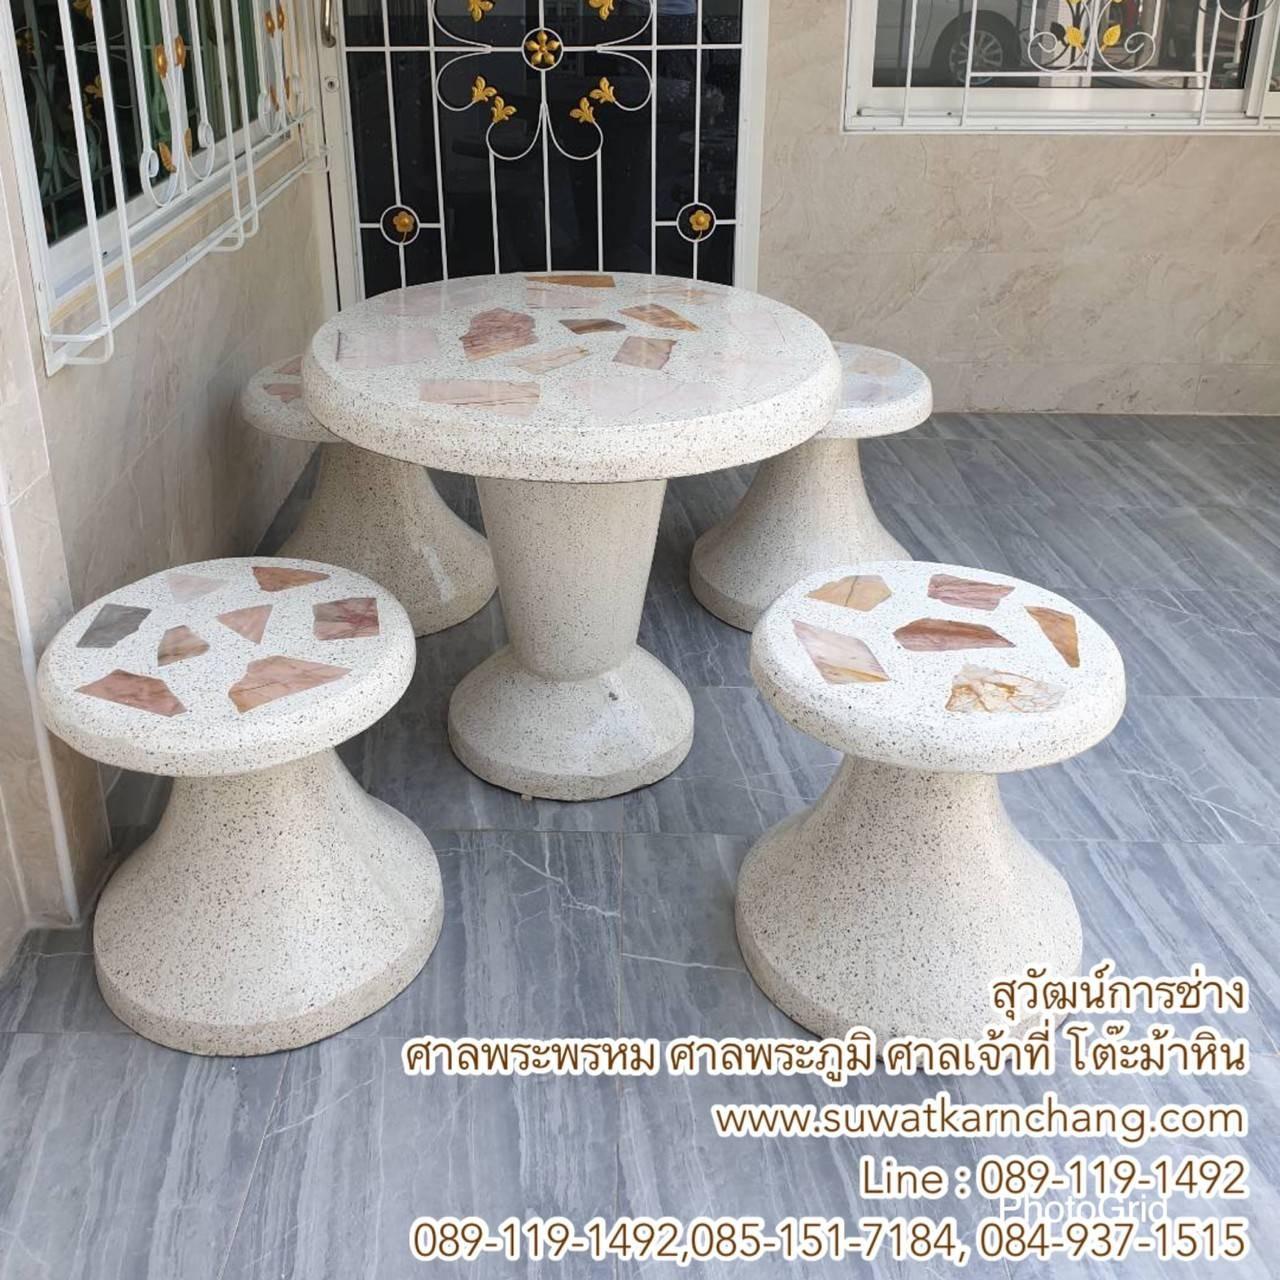 โต๊ะดอกเห็ดโคนหินขัด หน้า 80 ซม. ตัวนั่ง 4 ตัว  สุวัฒน์การช่าง